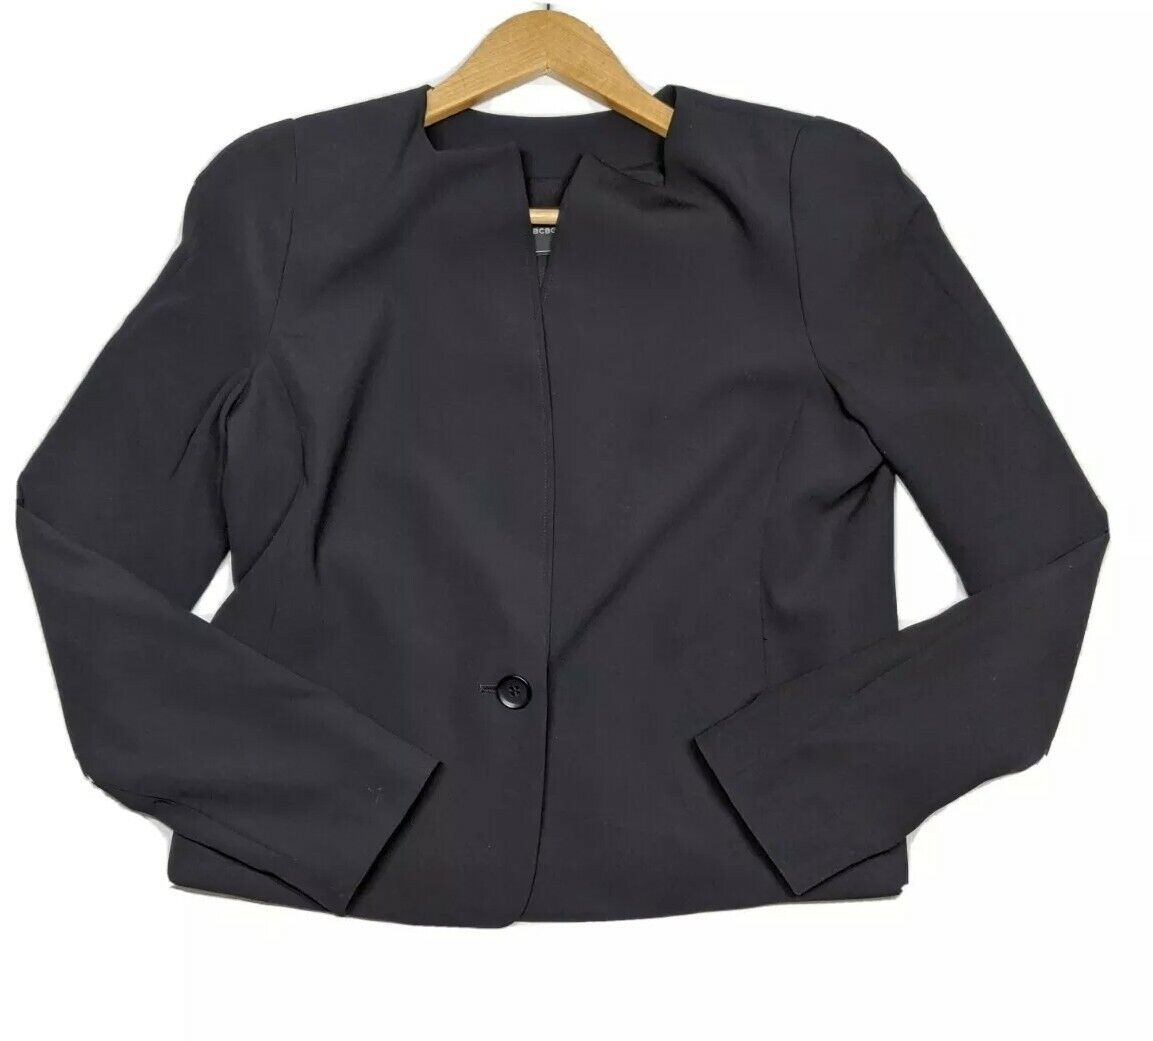 BCBG Max Azria 'Jordyn' Stylish Collarless Blazer Jacket M Black Padded Shoulder